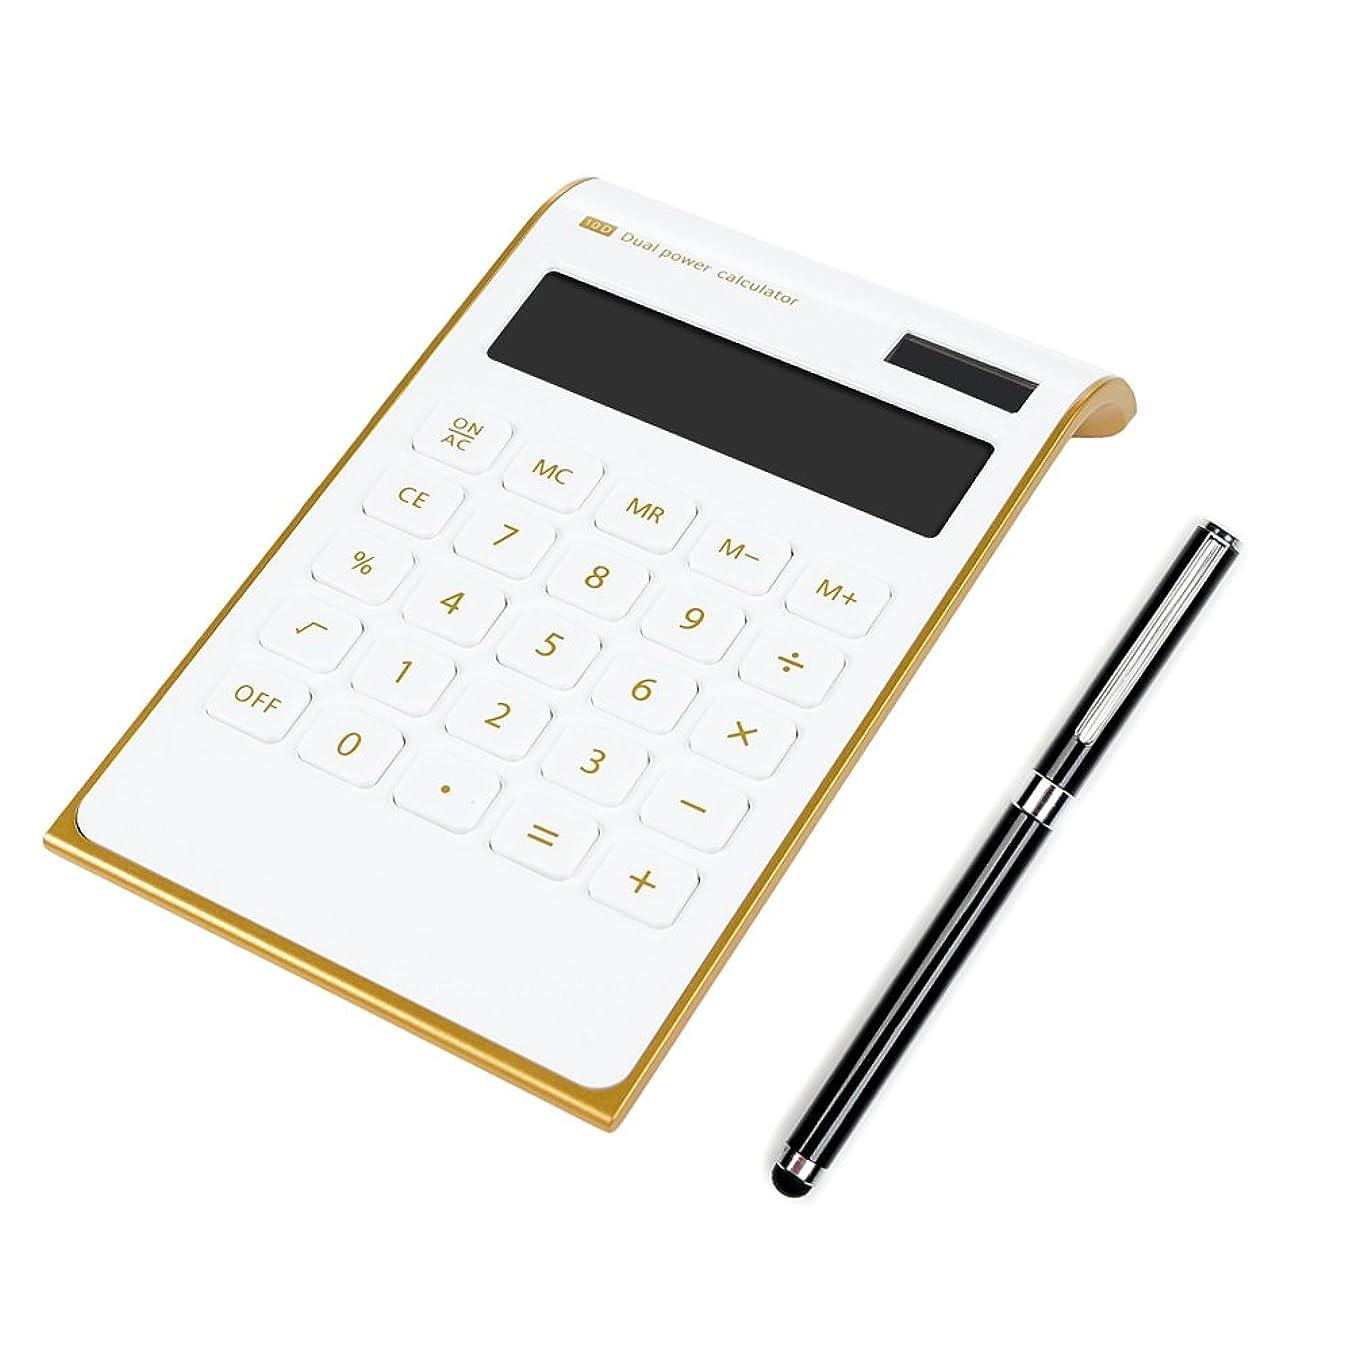 トレードメキシコ中庭電卓 10桁 ビジネス電卓 太陽エネルギー電卓 液晶電卓 デザイン電卓 手帳タイプ Lanveni 水晶ボタン 打ちやすい 時間?税計算 ホワイト